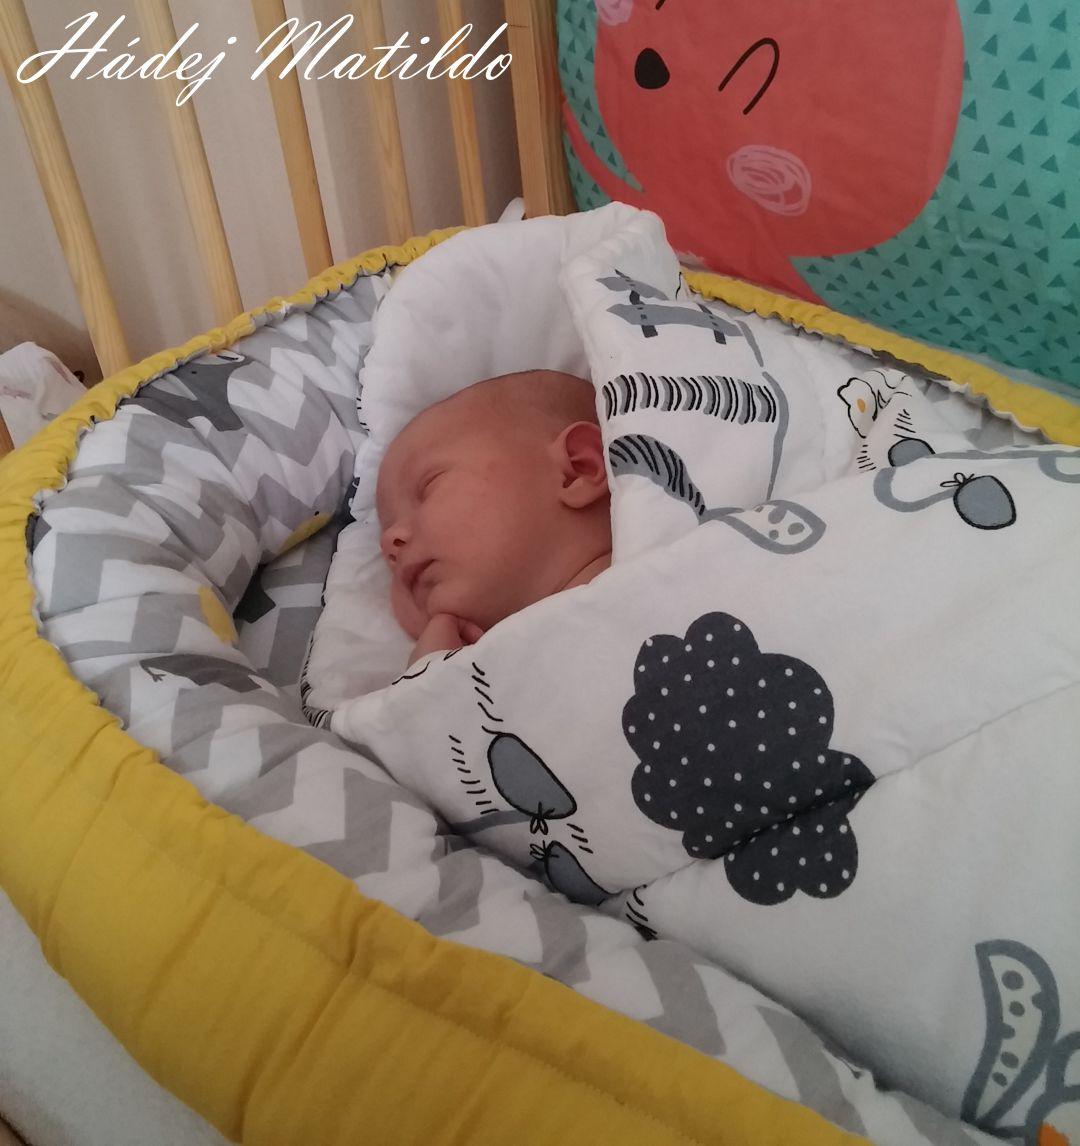 babybjorn, věci pro miminko, výbavička pro miminko, myhummy, didytai, philips avent